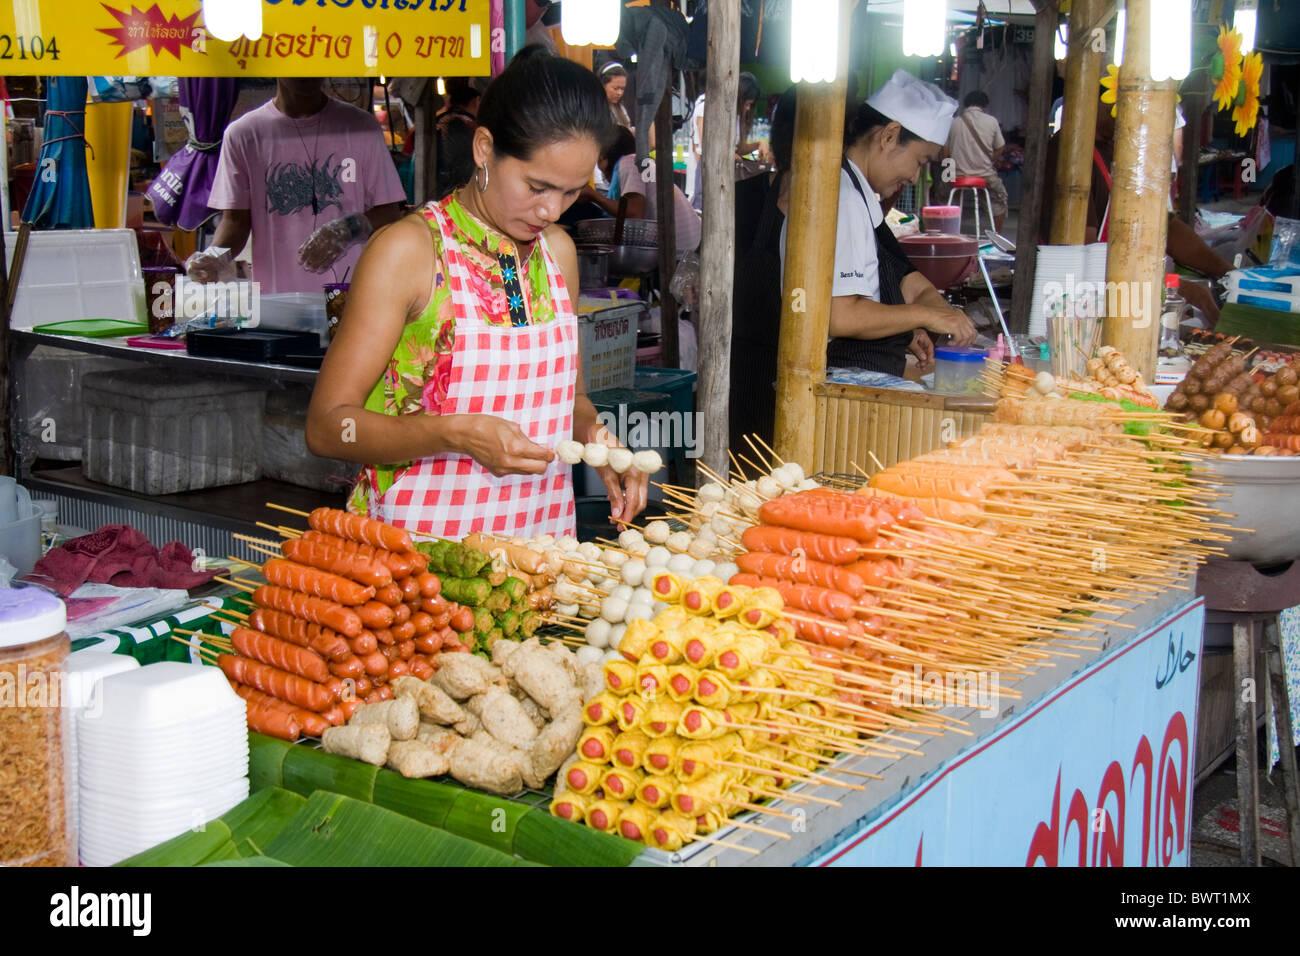 woman-vendor-selling-skewered-food-on-ph